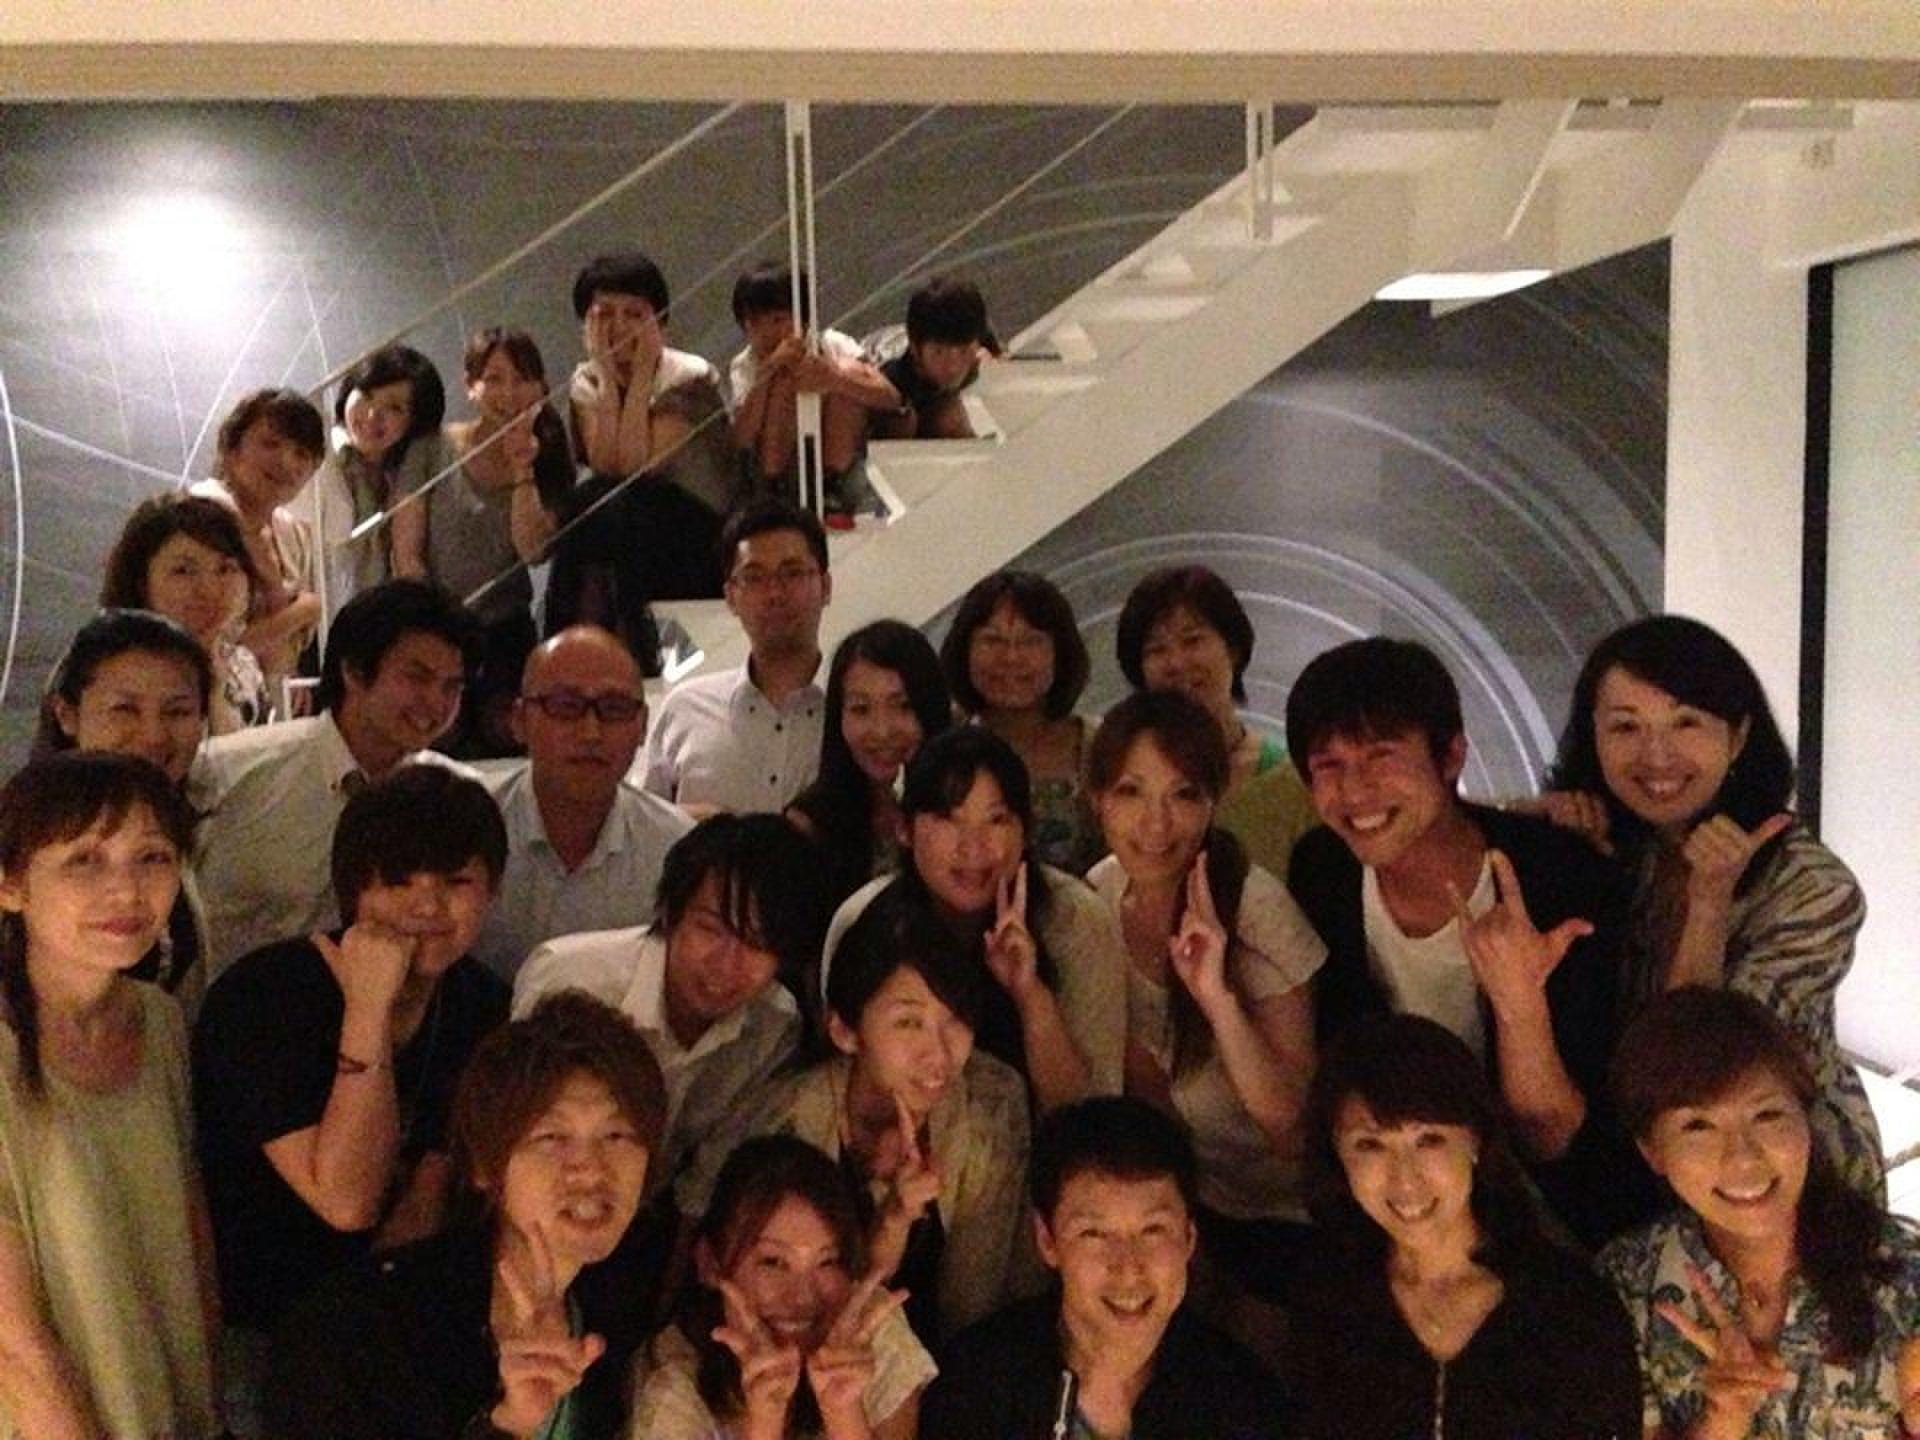 【きちり・渋谷】渋谷じゃないようなお洒落感!駅近で誕生日・デート・女子会に使えるレストラン・カフェ